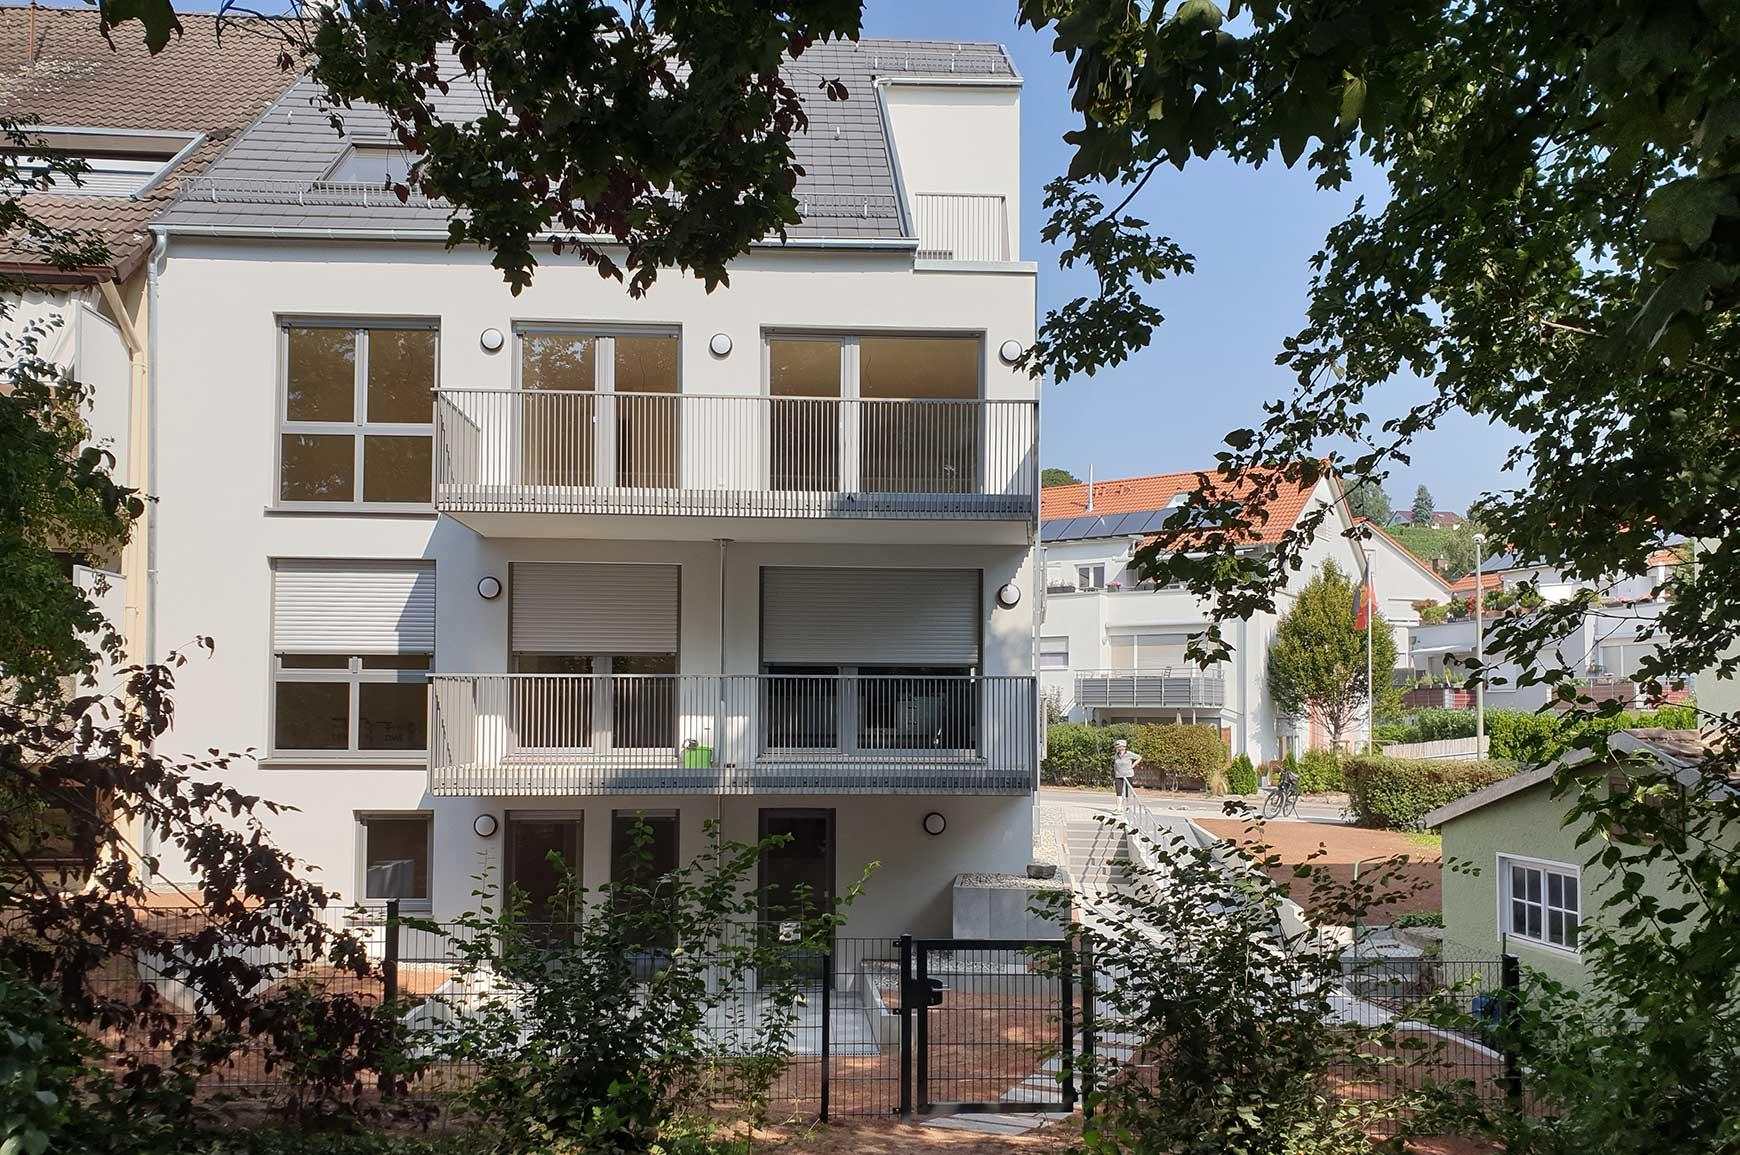 BEZAHLBARE WOHNUNGEN Das 6-Familien-Haus Wilnaer Straße 34 in Stuttgart-Mühlhausen wird energieeffizient mit einer Brennstoffzelle und einer Luft-Wasser-Wärmepumpe beheizt und mit Warmwasser versorgt<br /><br /><a href='https://www.mader-architekten.de/projekte/1/wohnungsbau/wilnaer-strasse-34/'>Wilnaer Straße 34</a>